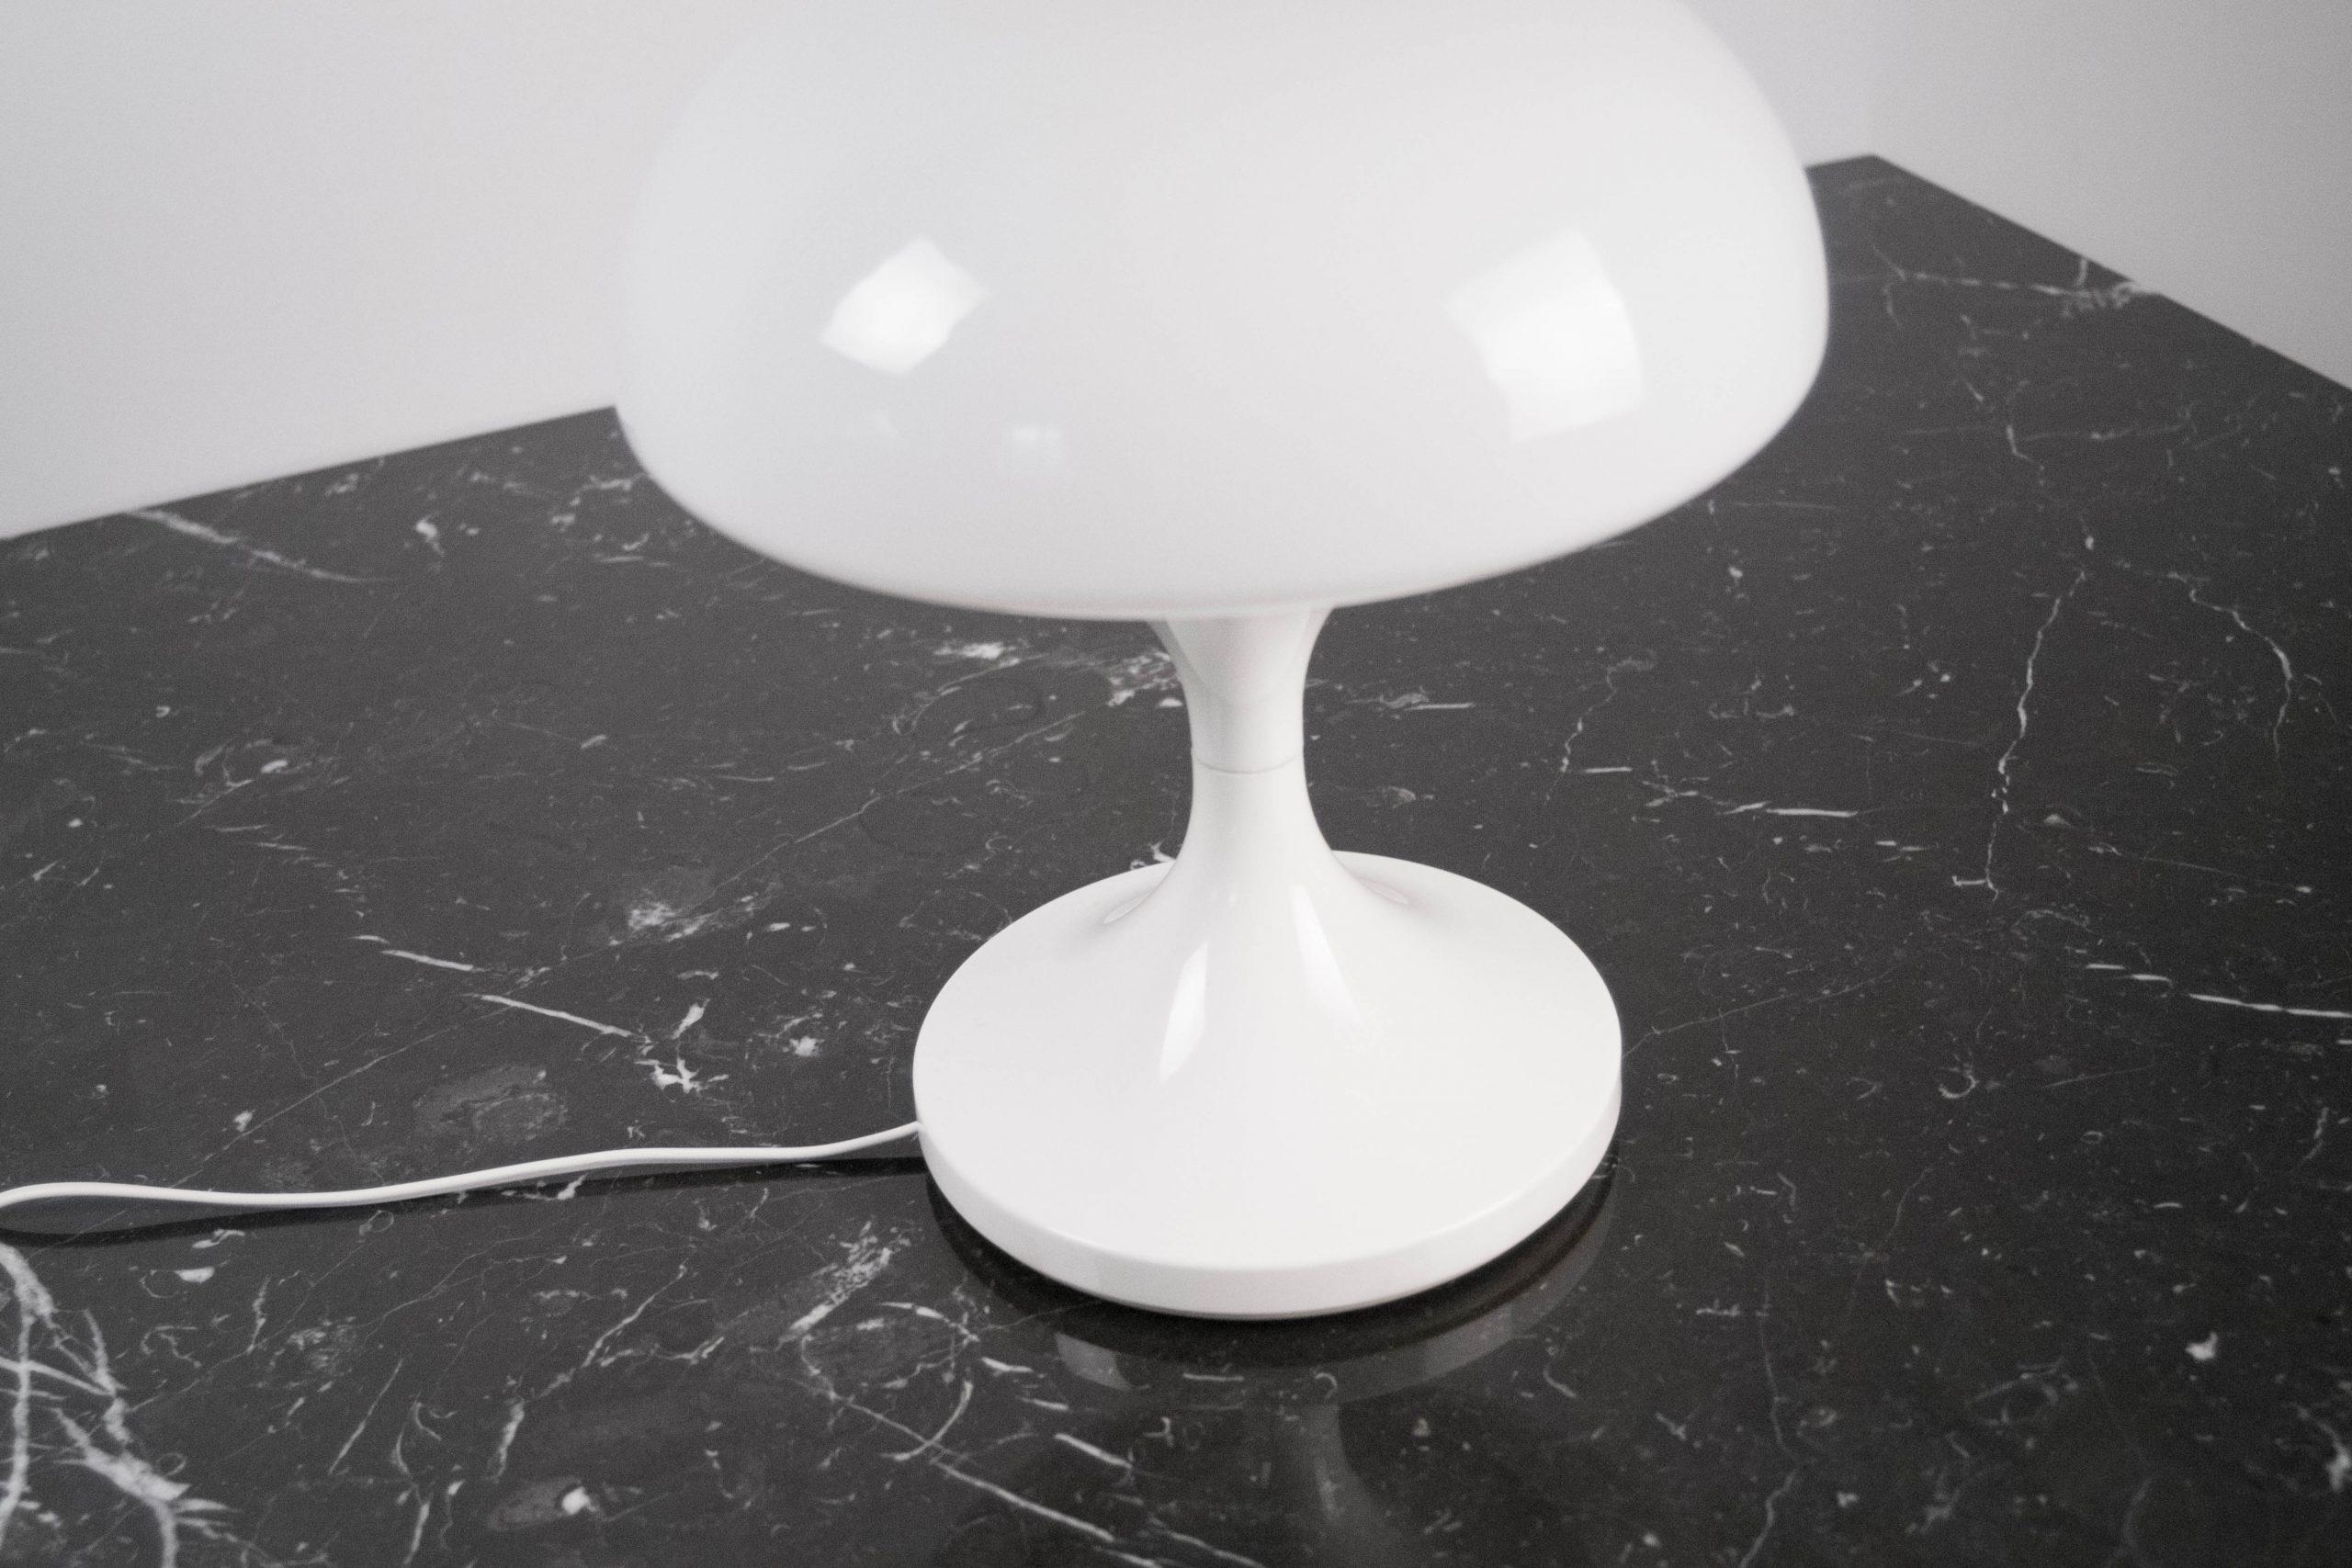 lampara blanca t pons seta era espacial